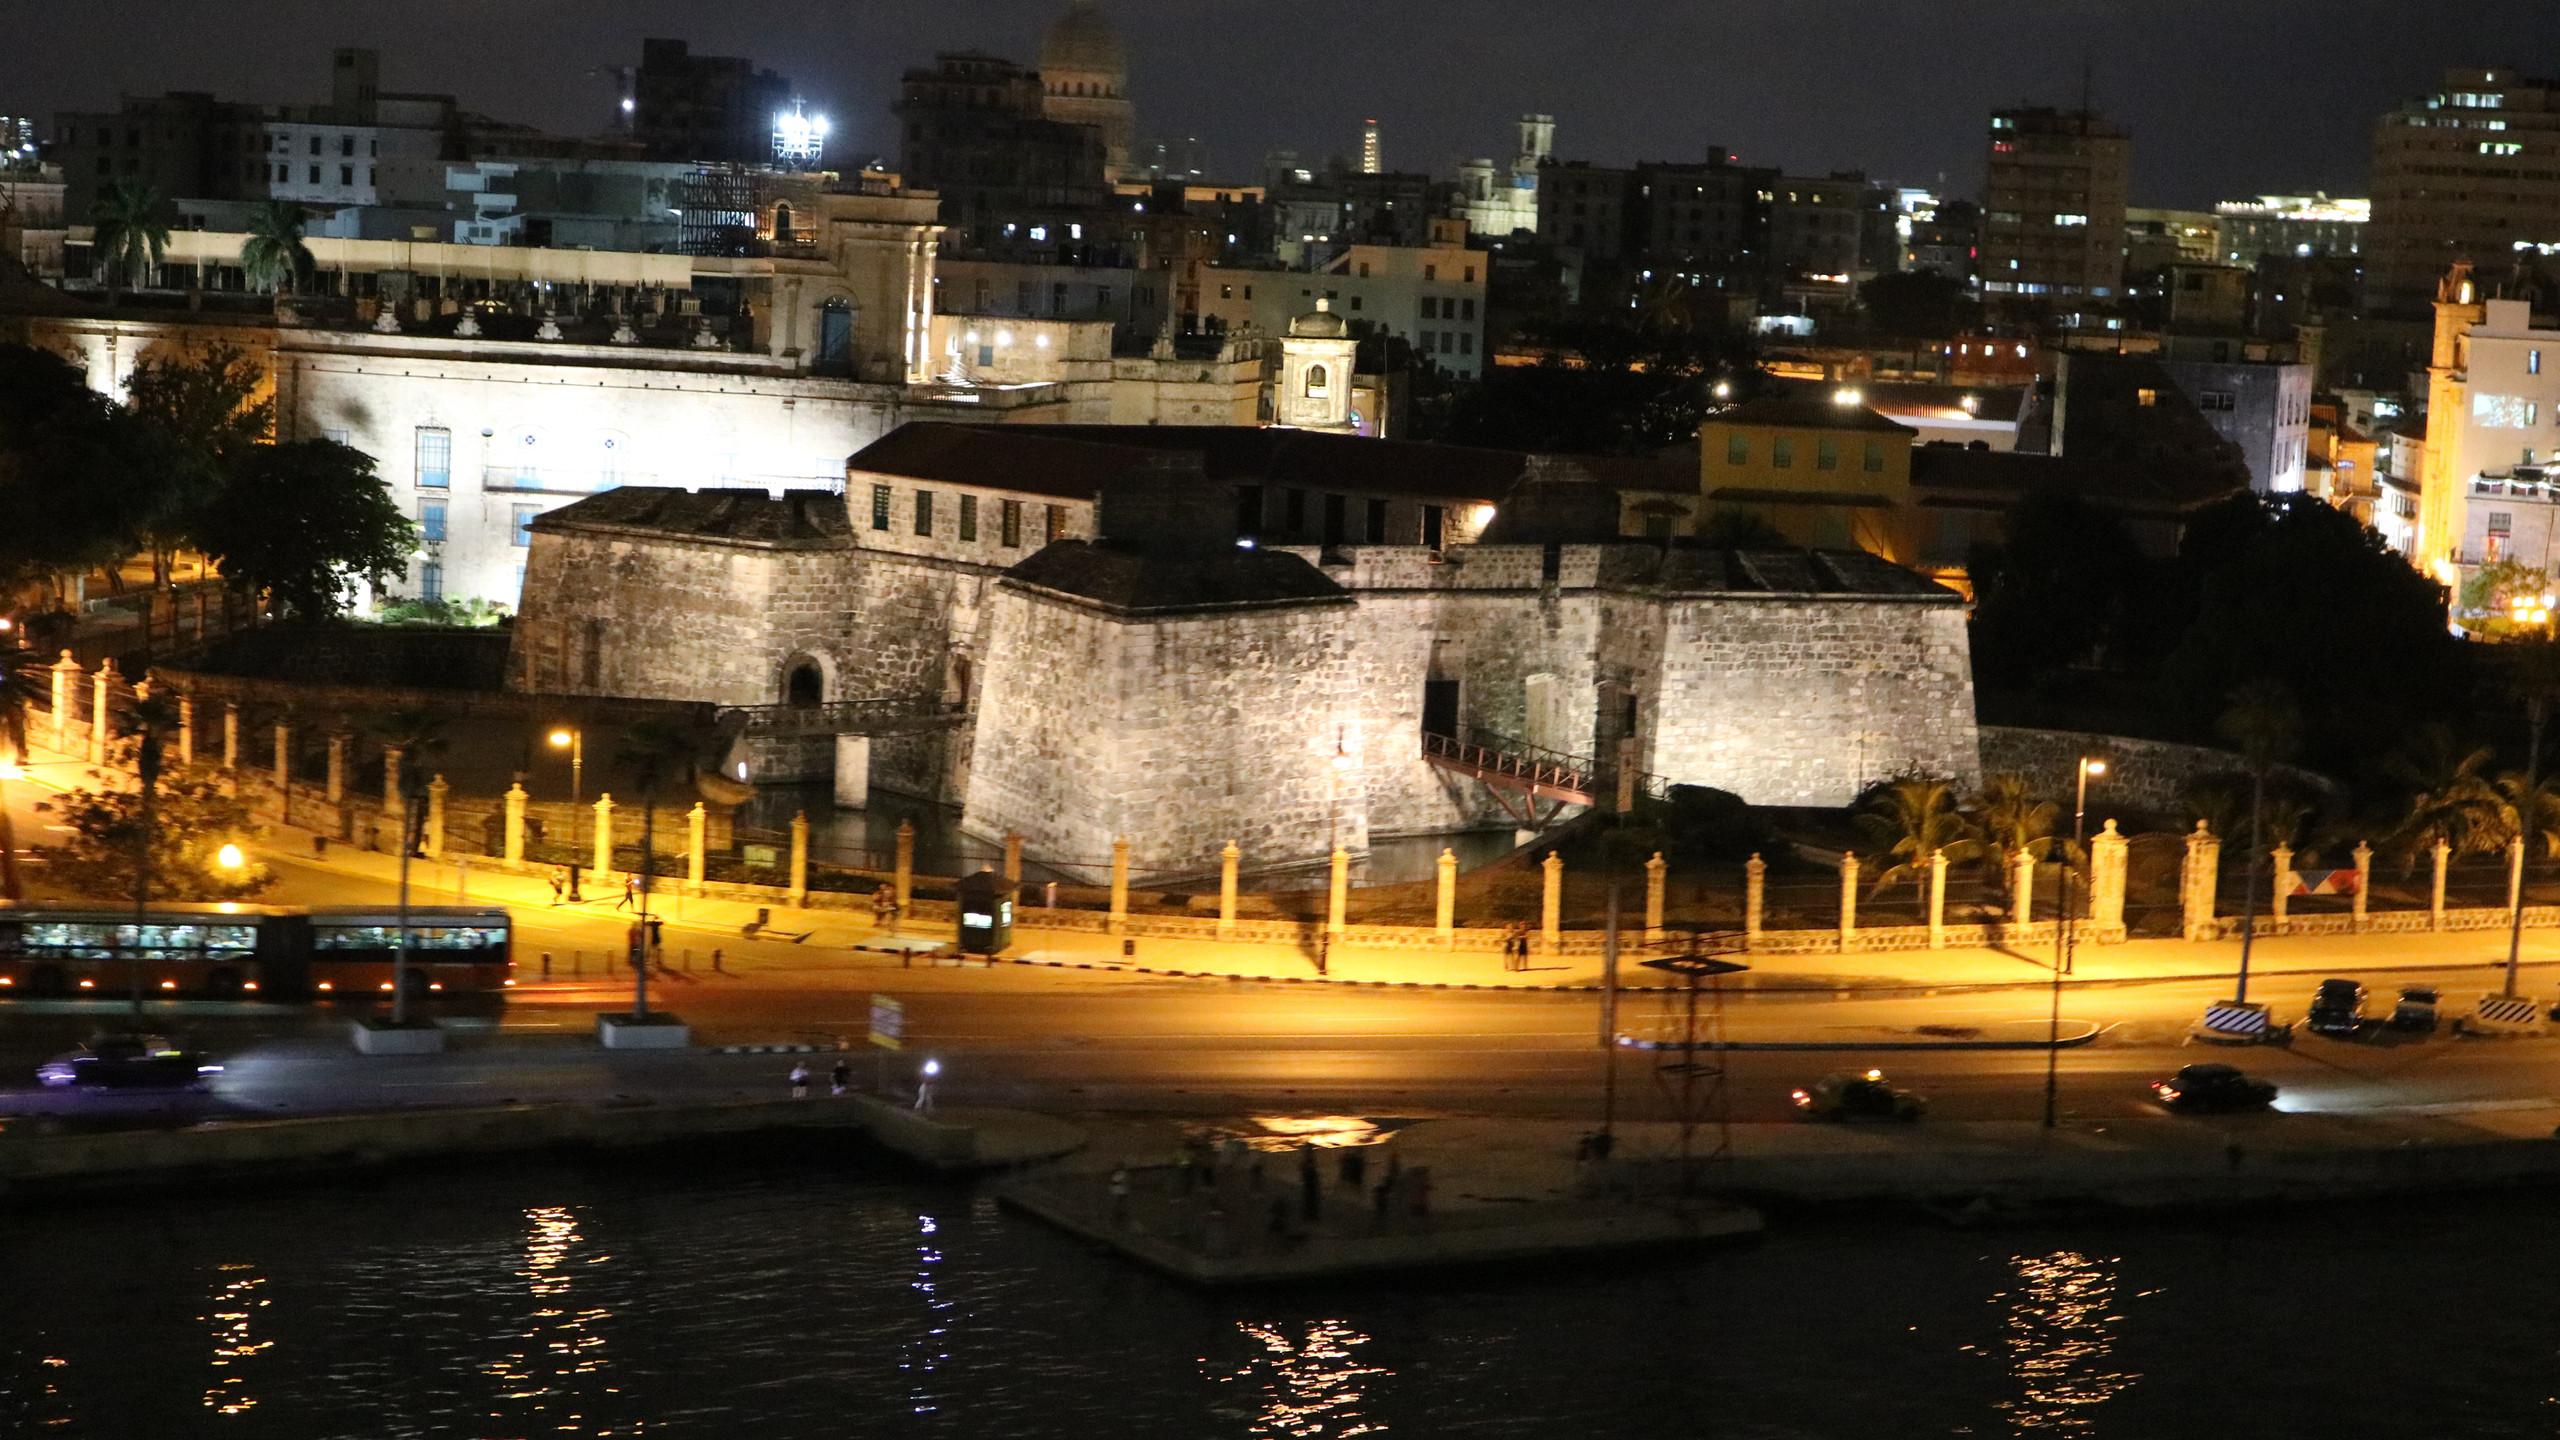 Castillo de la Real Fuerza in Havana lit up at night.